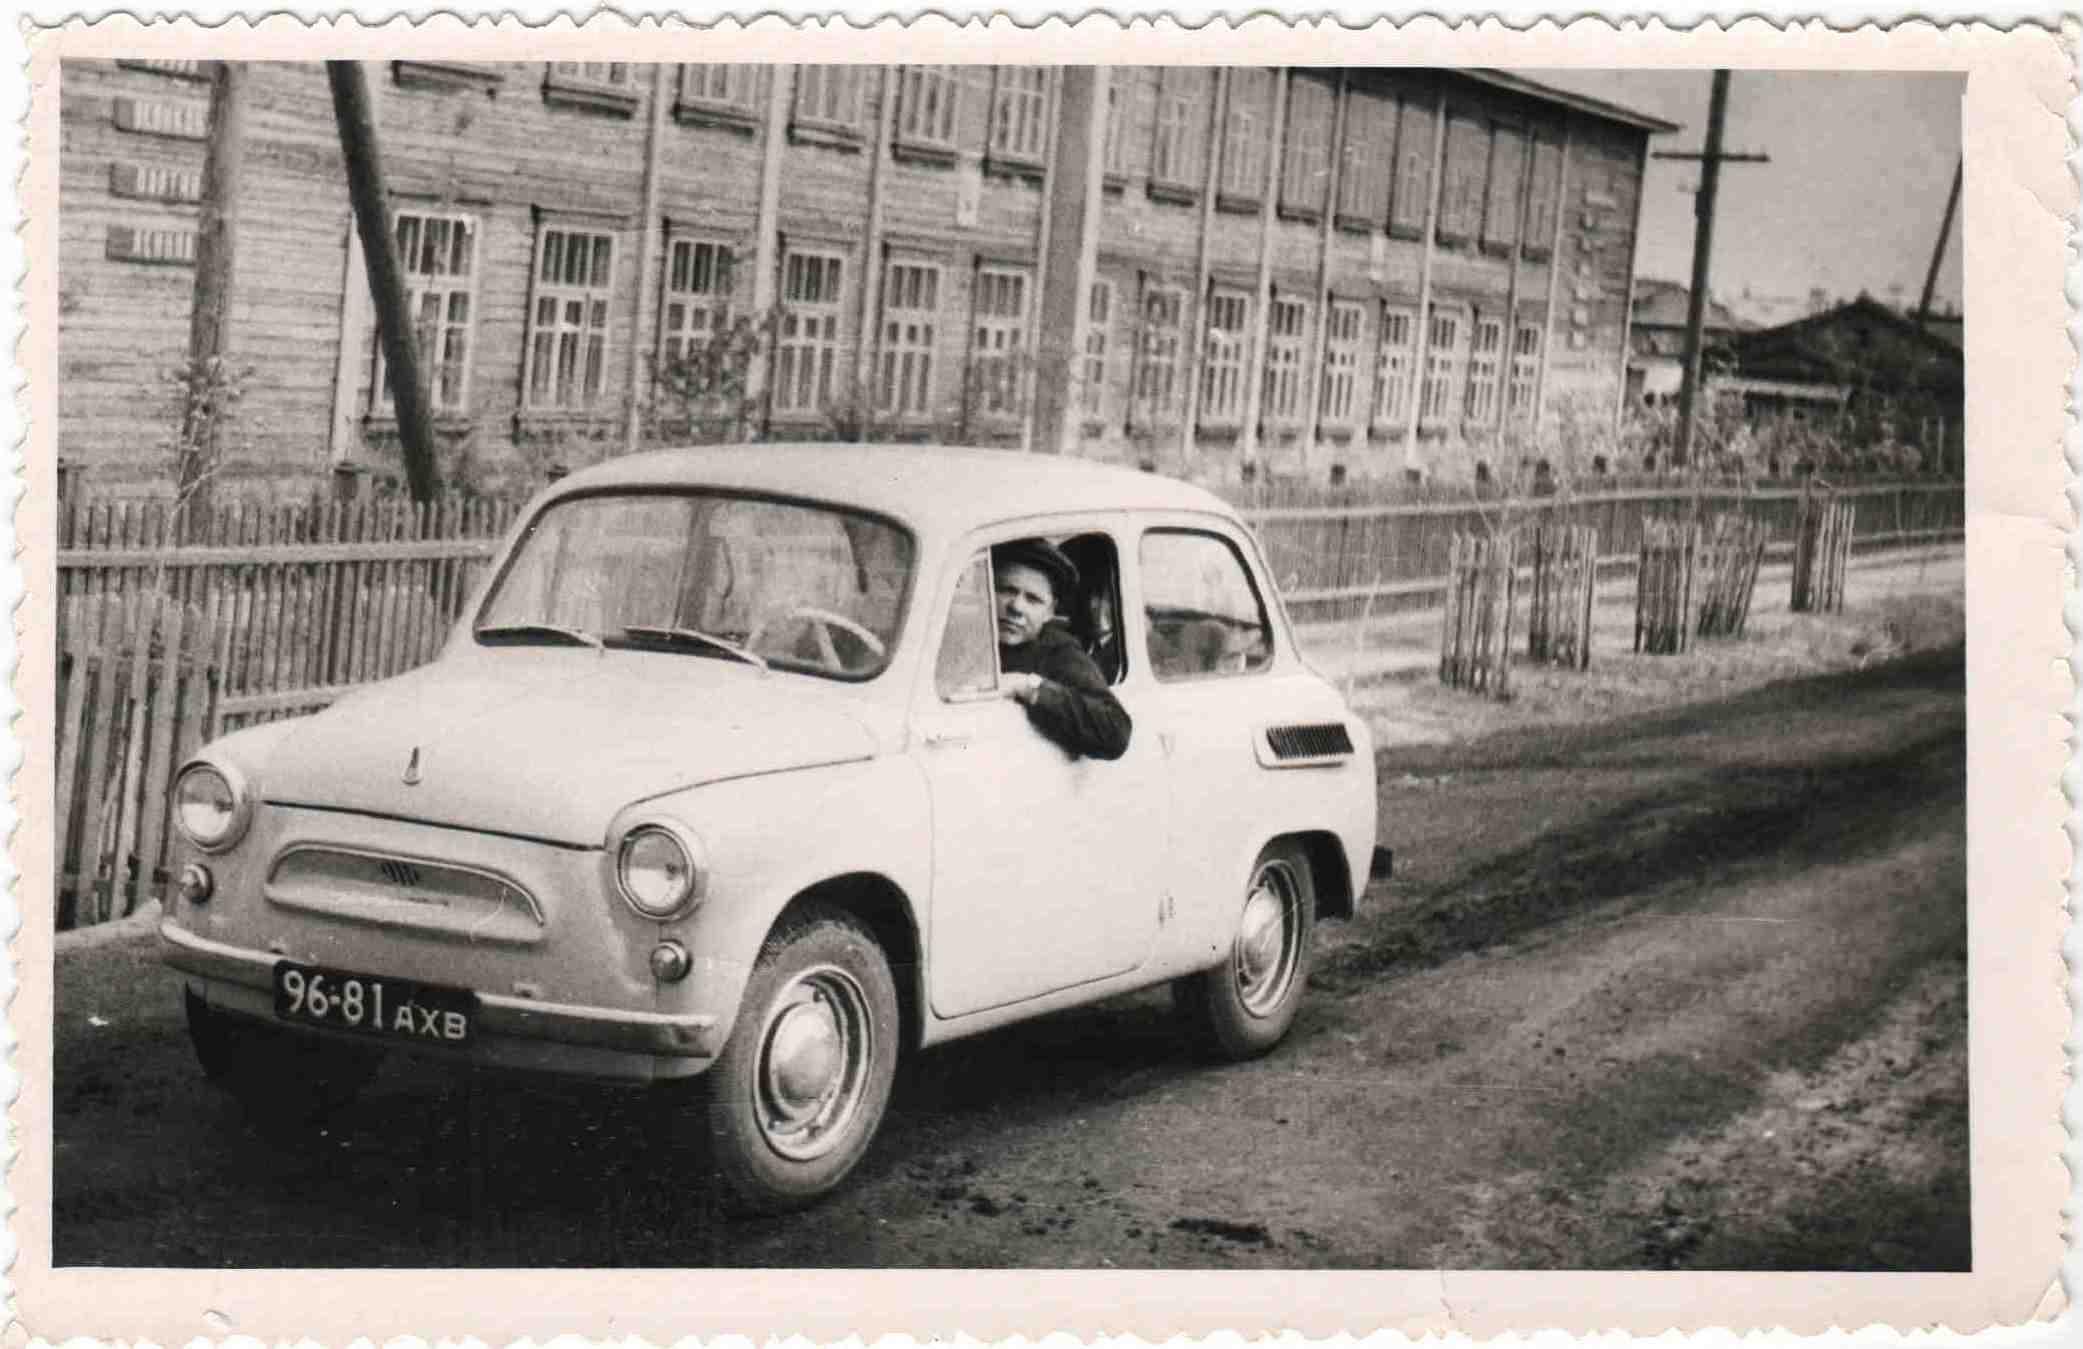 """п.Урдома. Легковой автомобиль """"Запорожец"""" (горбатый) купленный в 1967 году столяром прорабского участка Бахтиным И.П. одним из первых."""